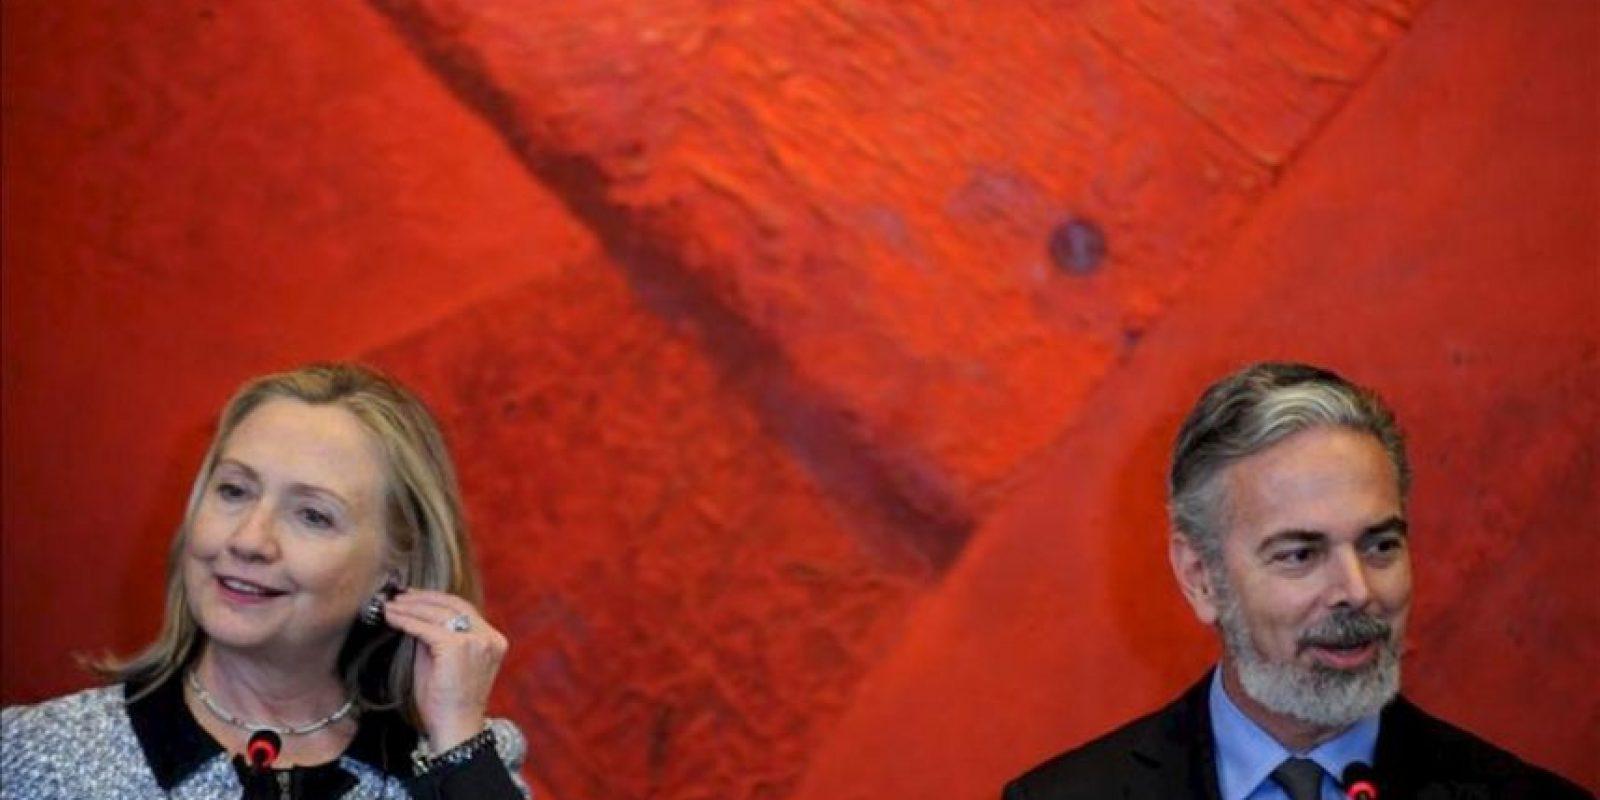 La secretaria de Estado estadounidense, Hillary Clinton, y el ministro brasileño de Relaciones Exteriores, Antonio Patriota, ofrecen una rueda de prensa, este 16 de abril, en el Palacio del Itamaraty, en Brasilia (Brasil). EFE